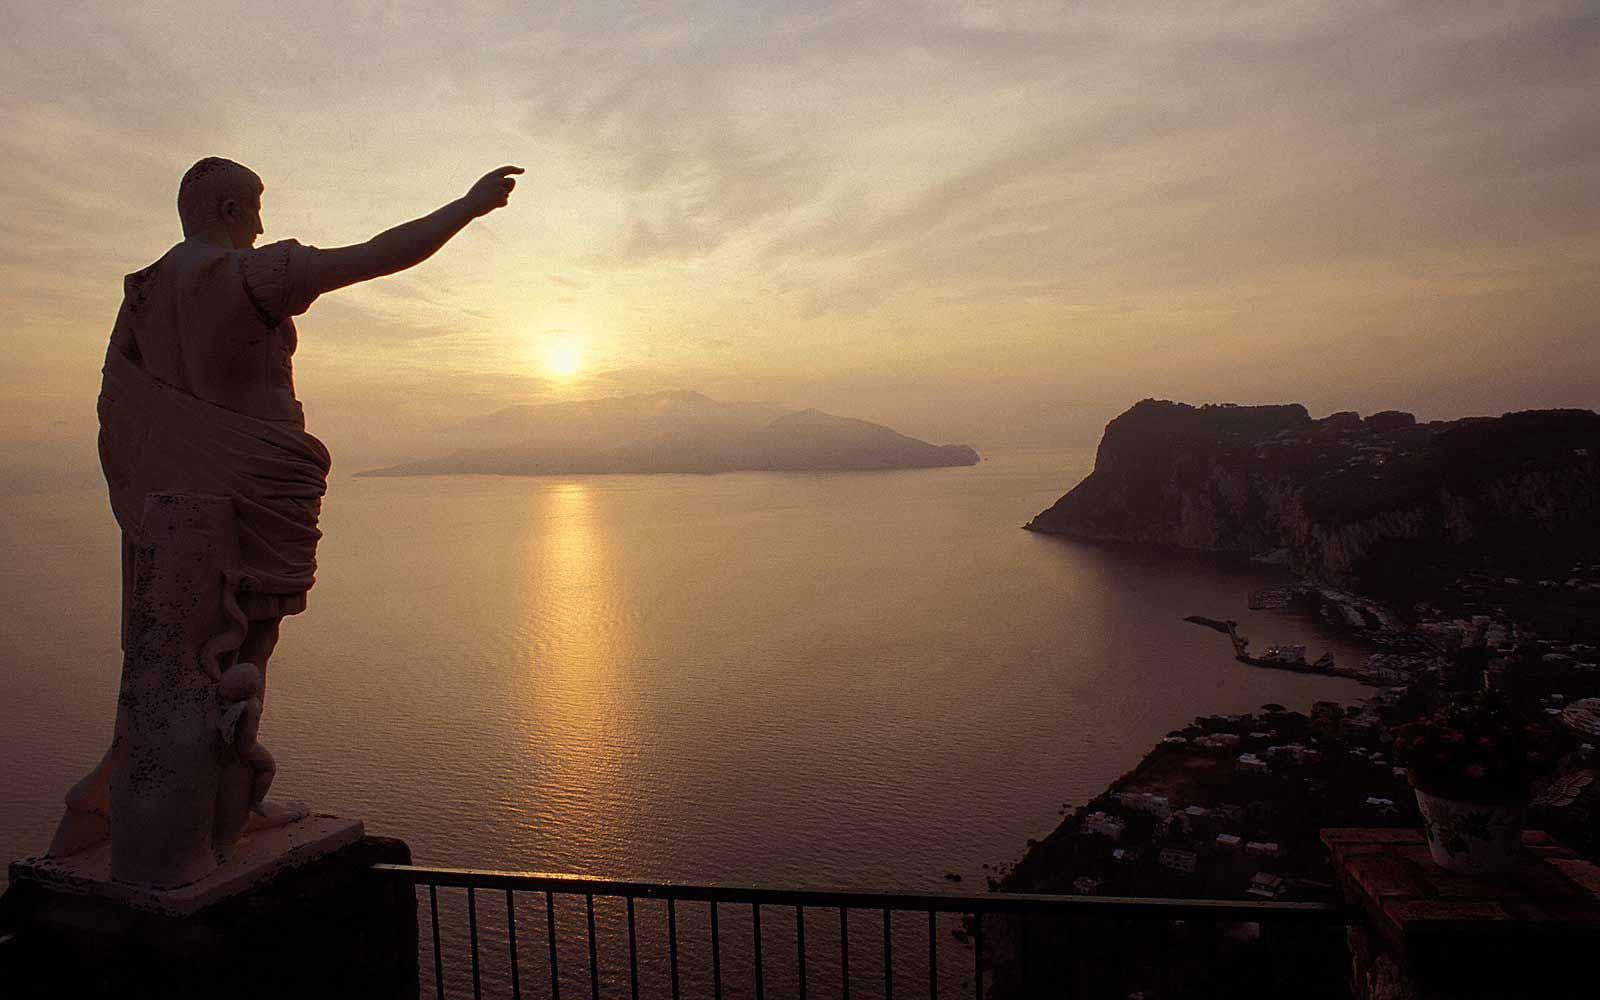 Sunset at Hotel Caesar Augustus